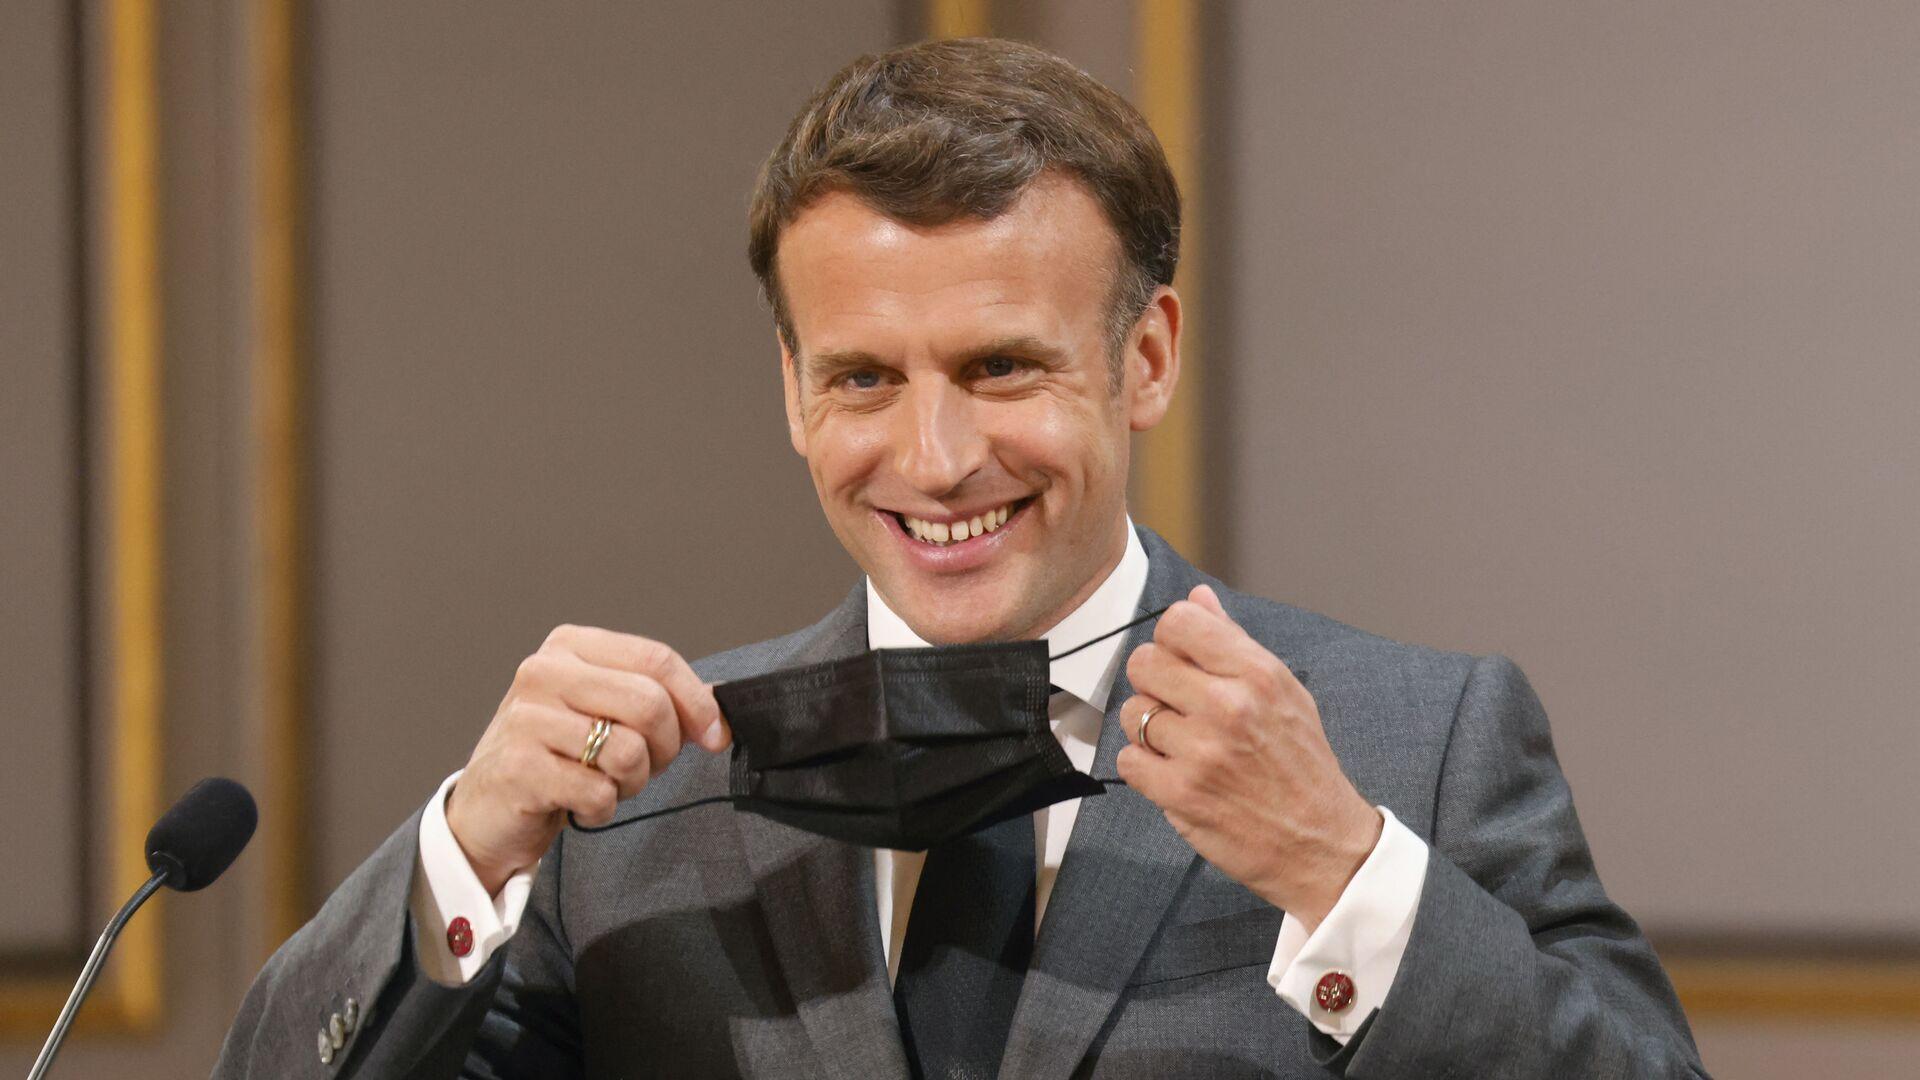 Emmanuel Macron, le 1er mai, à Paris - Sputnik France, 1920, 24.09.2021